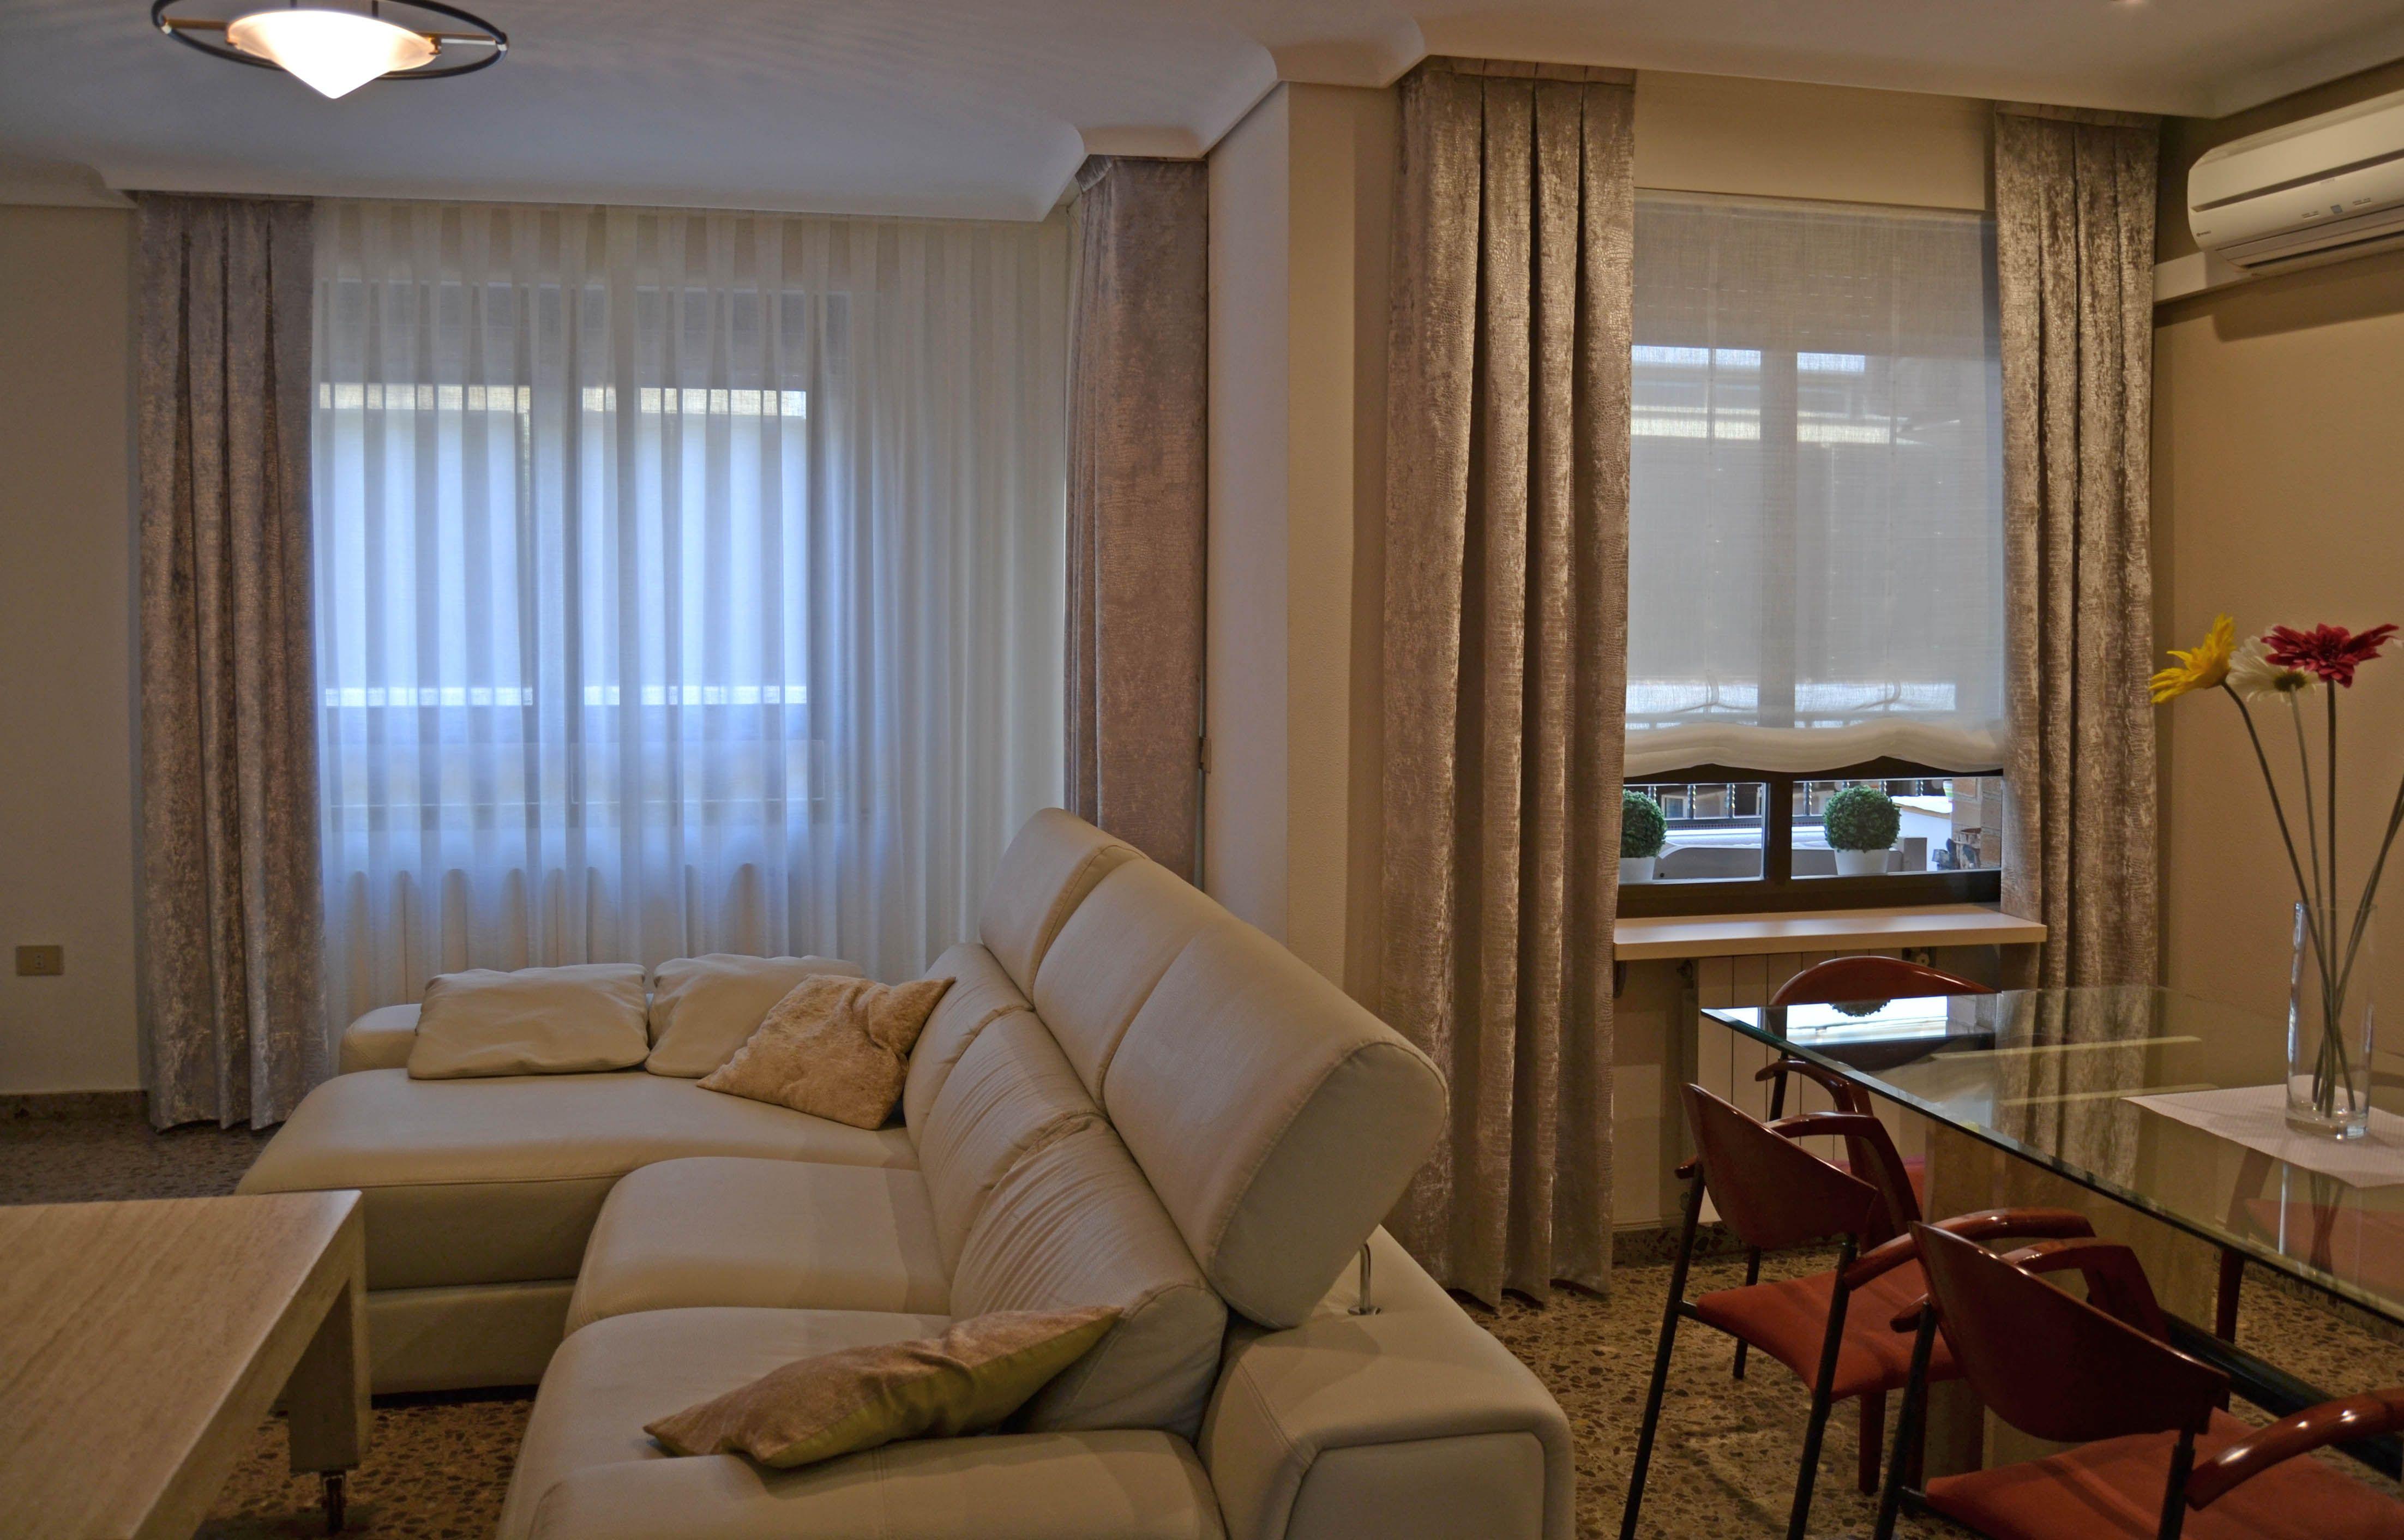 Un salón con dobles cortinas - Villalba Interiorismo | Nuestros ...